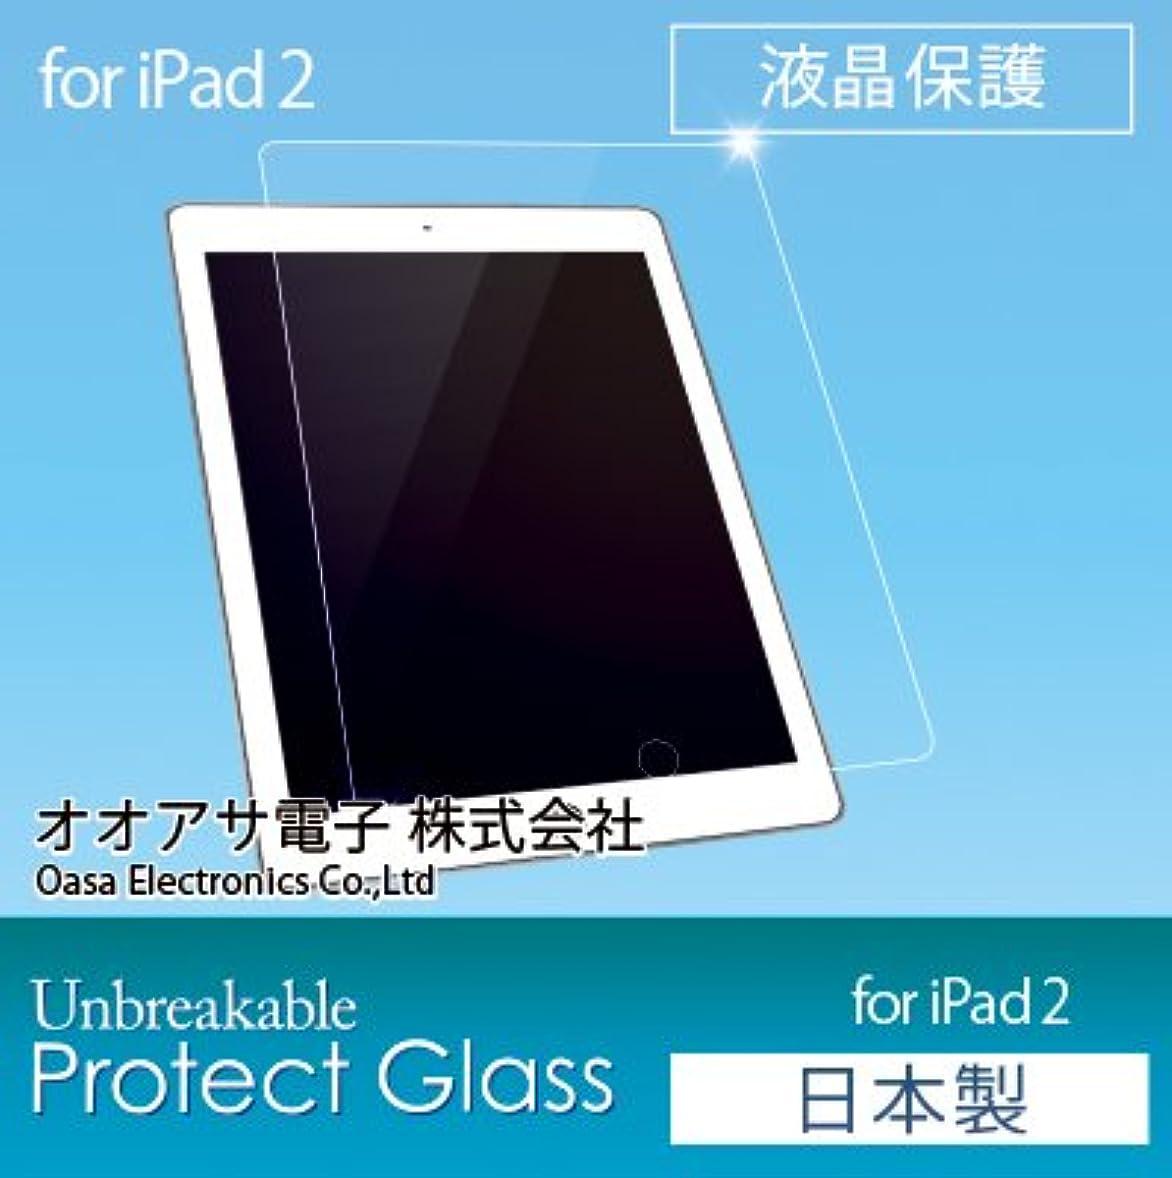 損傷青写真スタック液晶画面保護ガラス Protect Glass for iPad2 (第2.3.4世代)